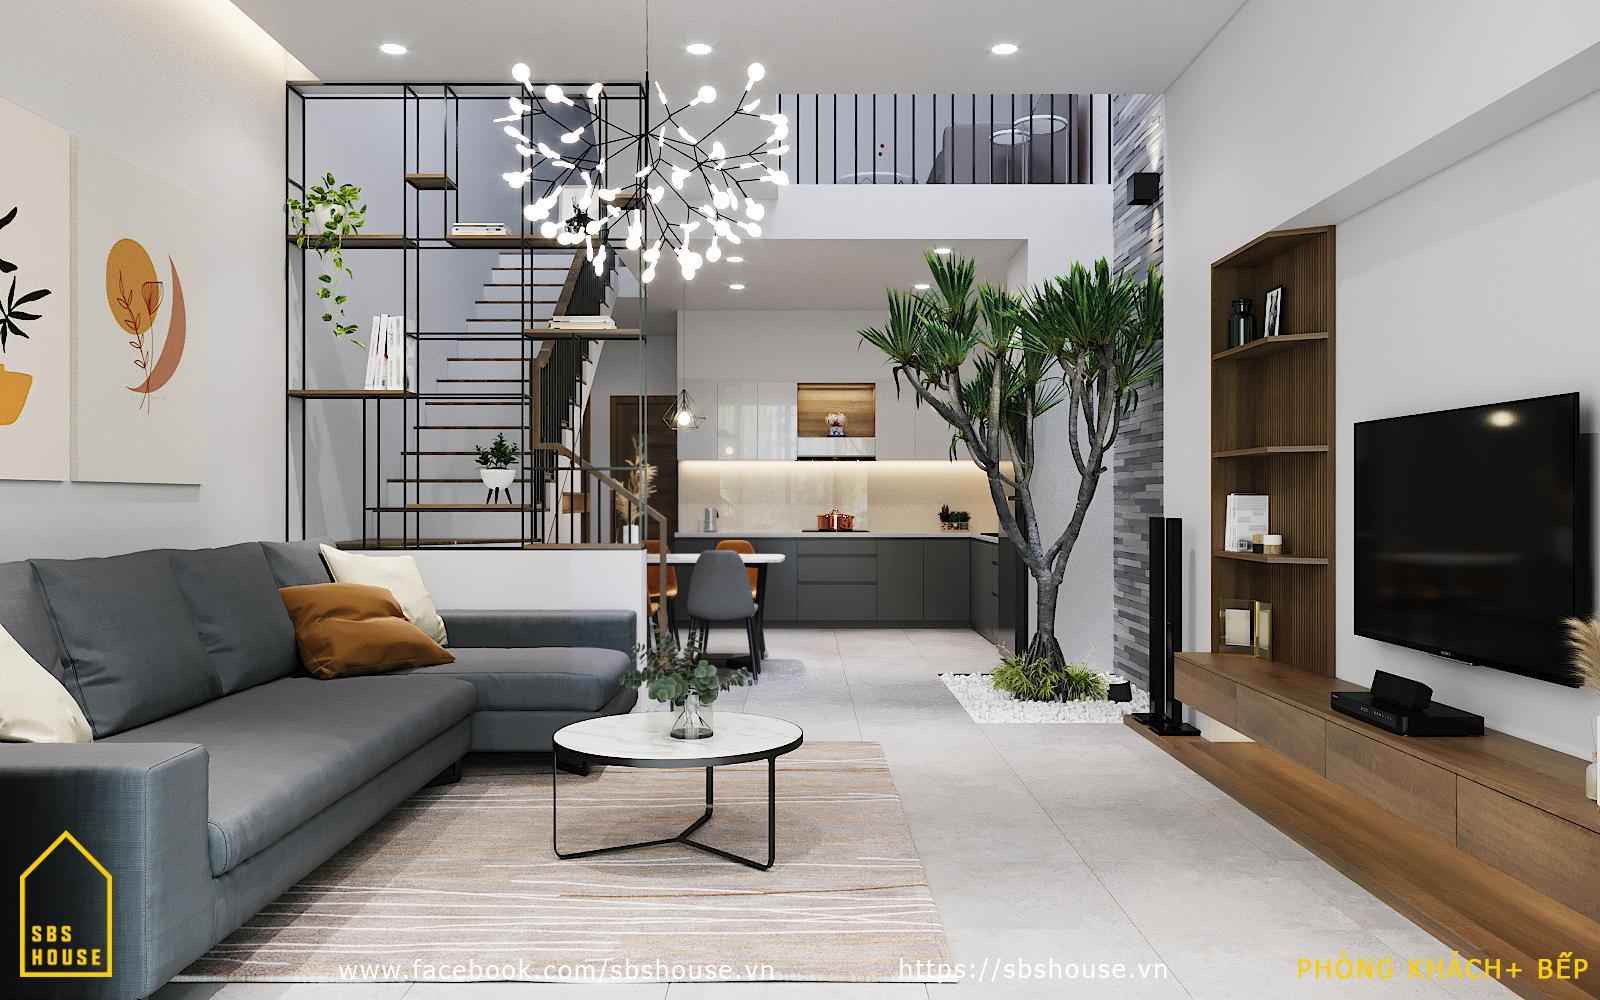 Thiết kế nhà đơn giản giúp hạn chế chi phí phát sinh khi hoàn thiện